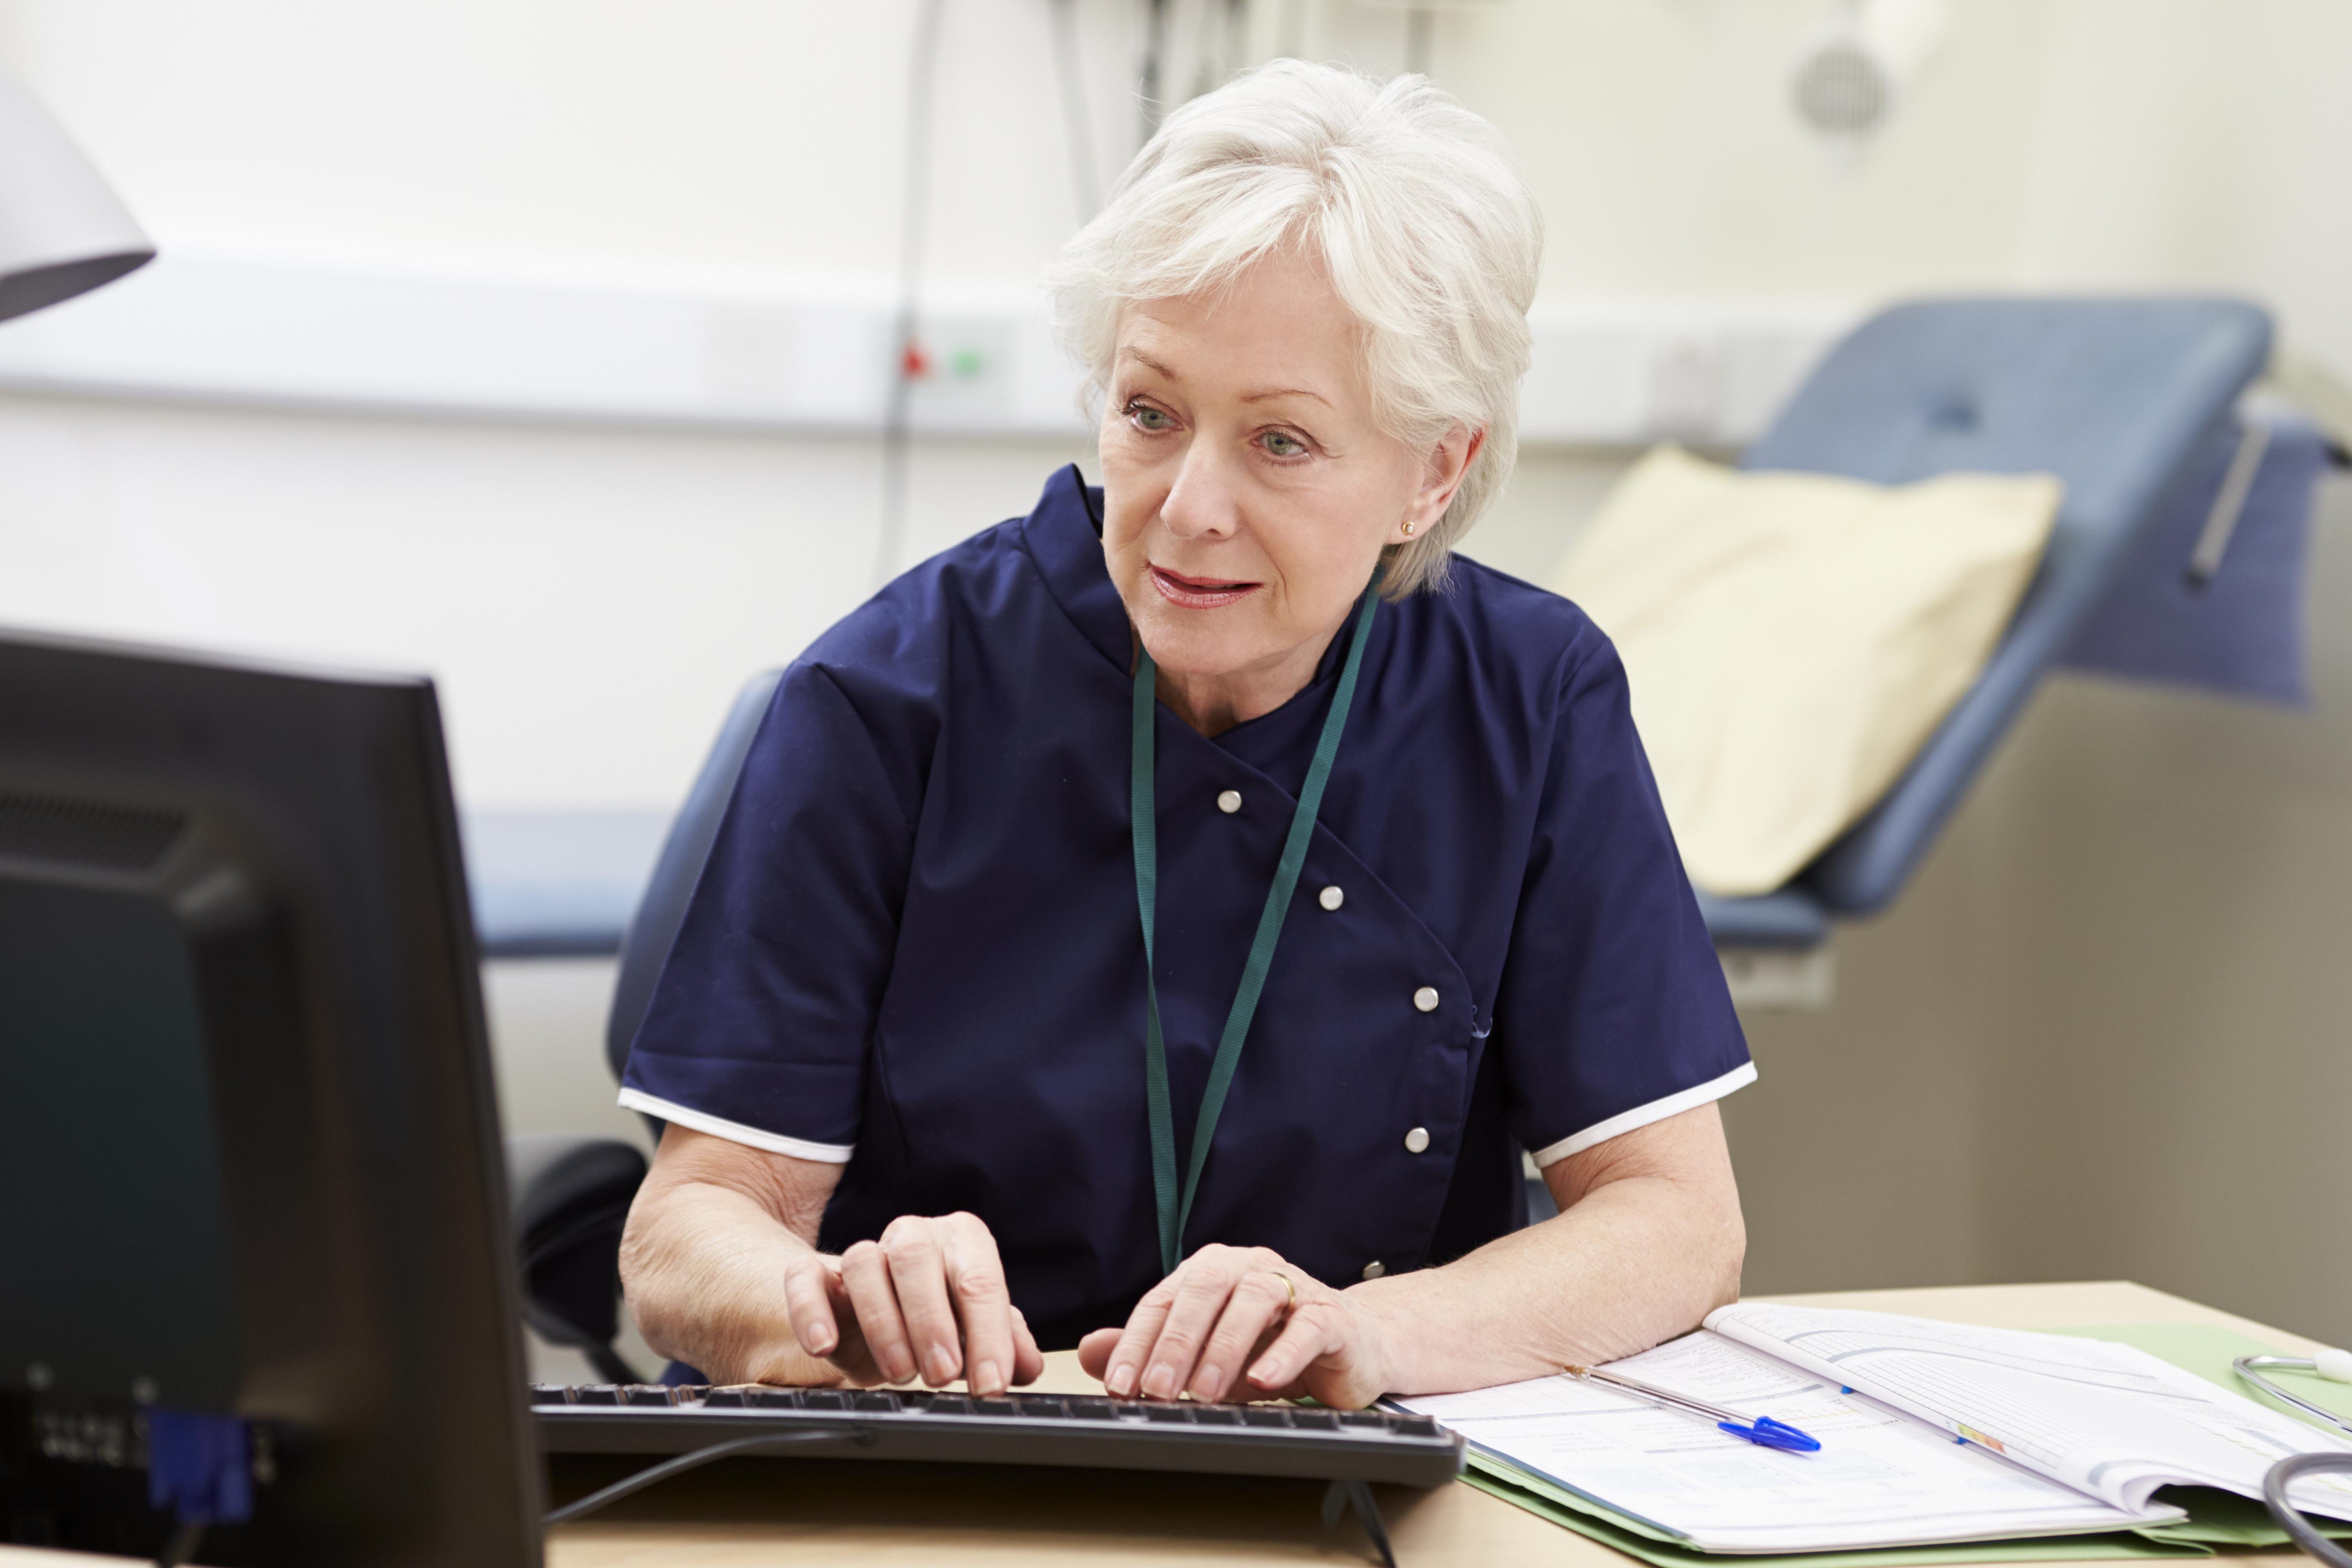 Den gemensamma satsningen på e-vård hoppas regeringen ska leda till förbättrad arbetssituation inom vård och omsorg bland annat.